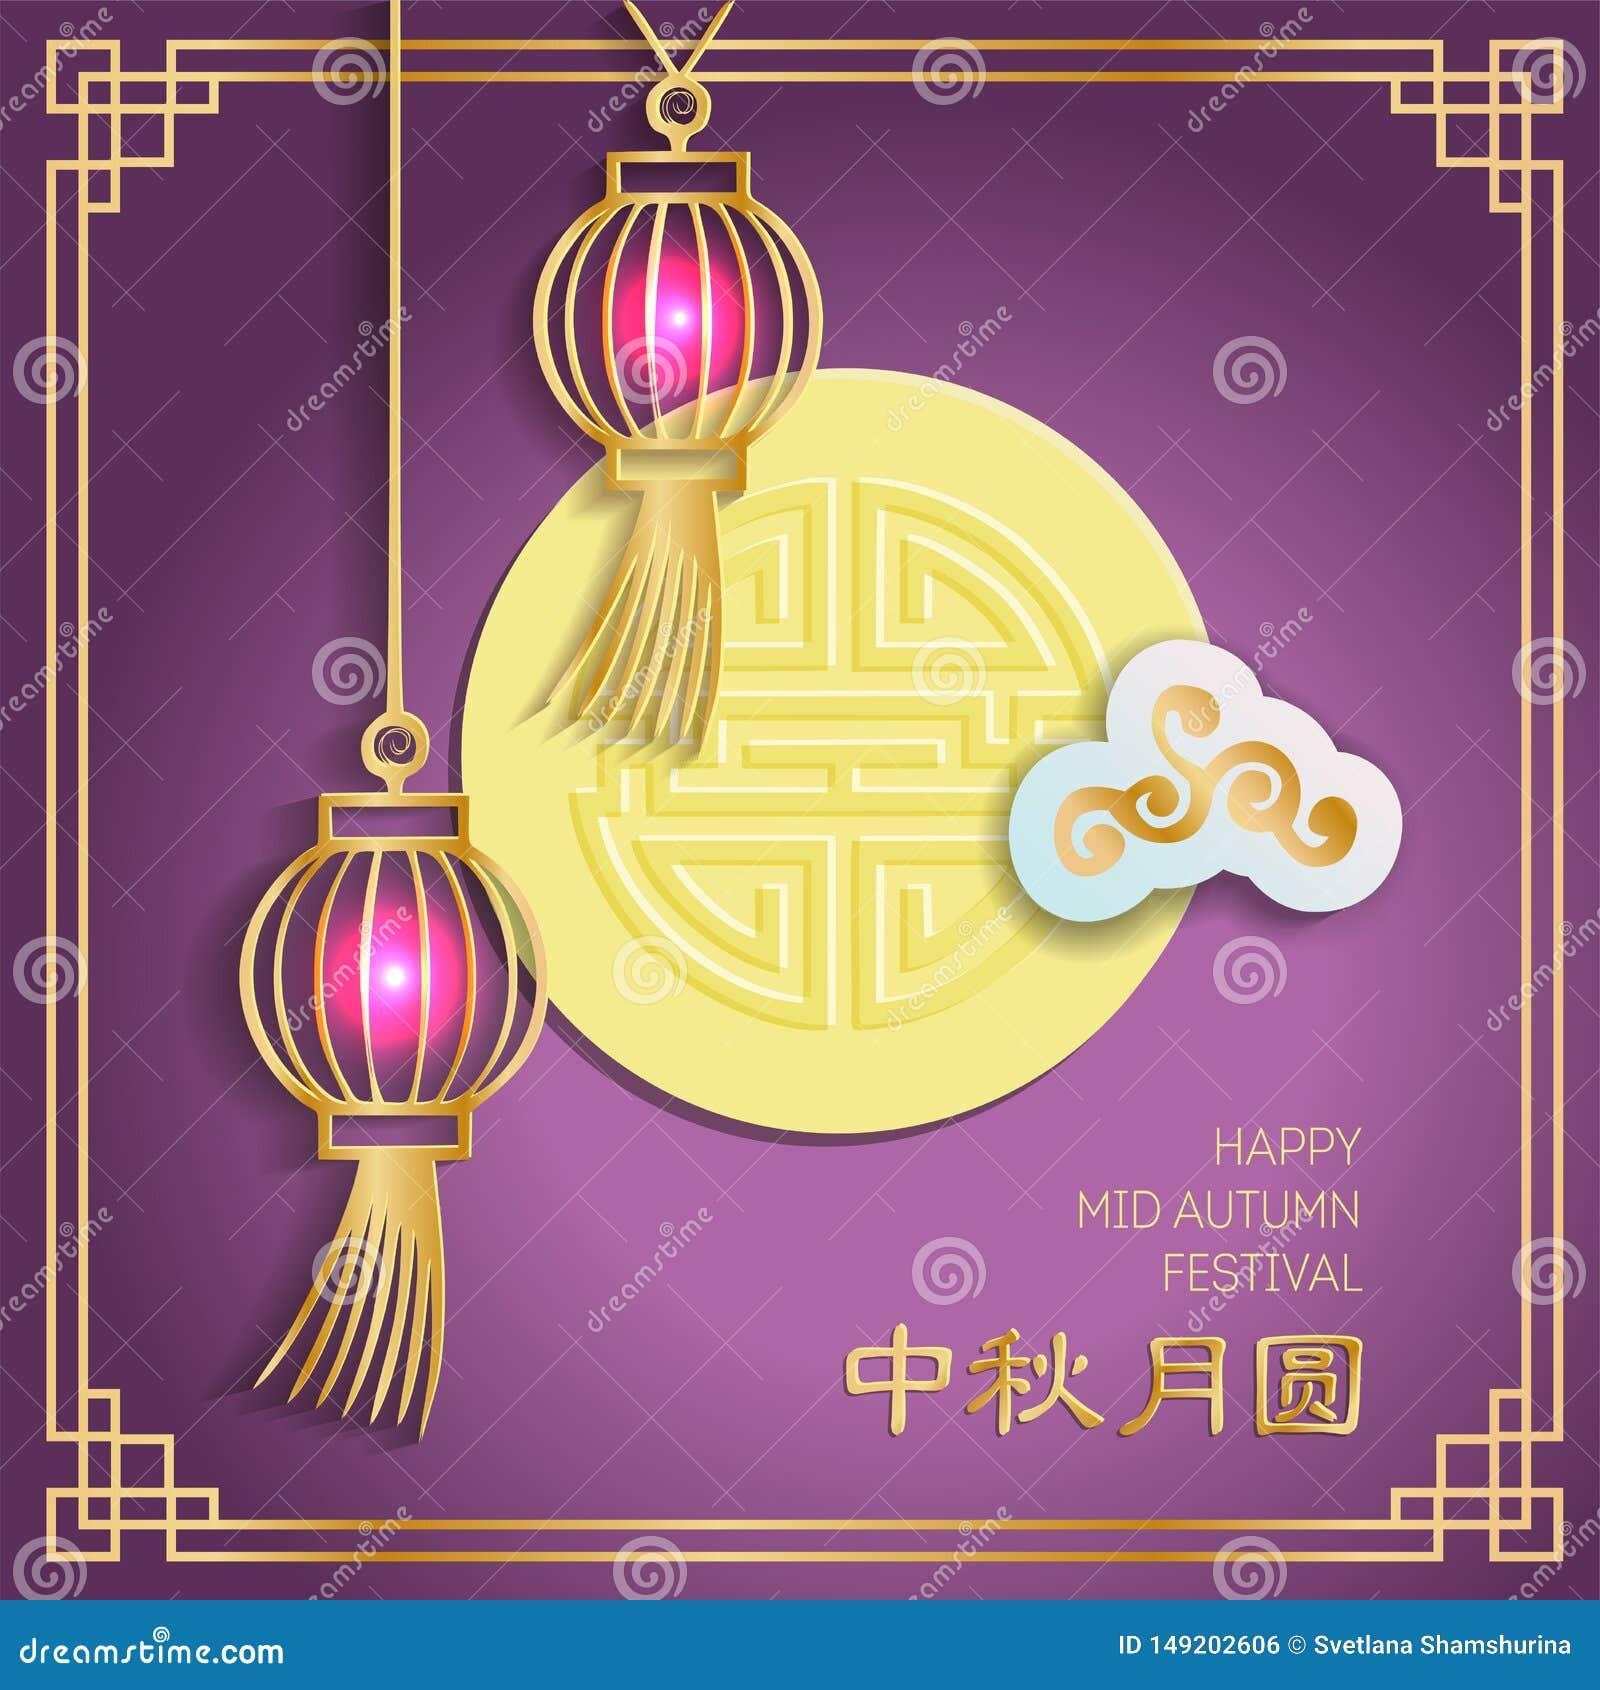 Графики пурпурного вектора бумажные конструируют элементы среднего фестиваля осени Chuseok юани yue qiu Zhong китайских характеро